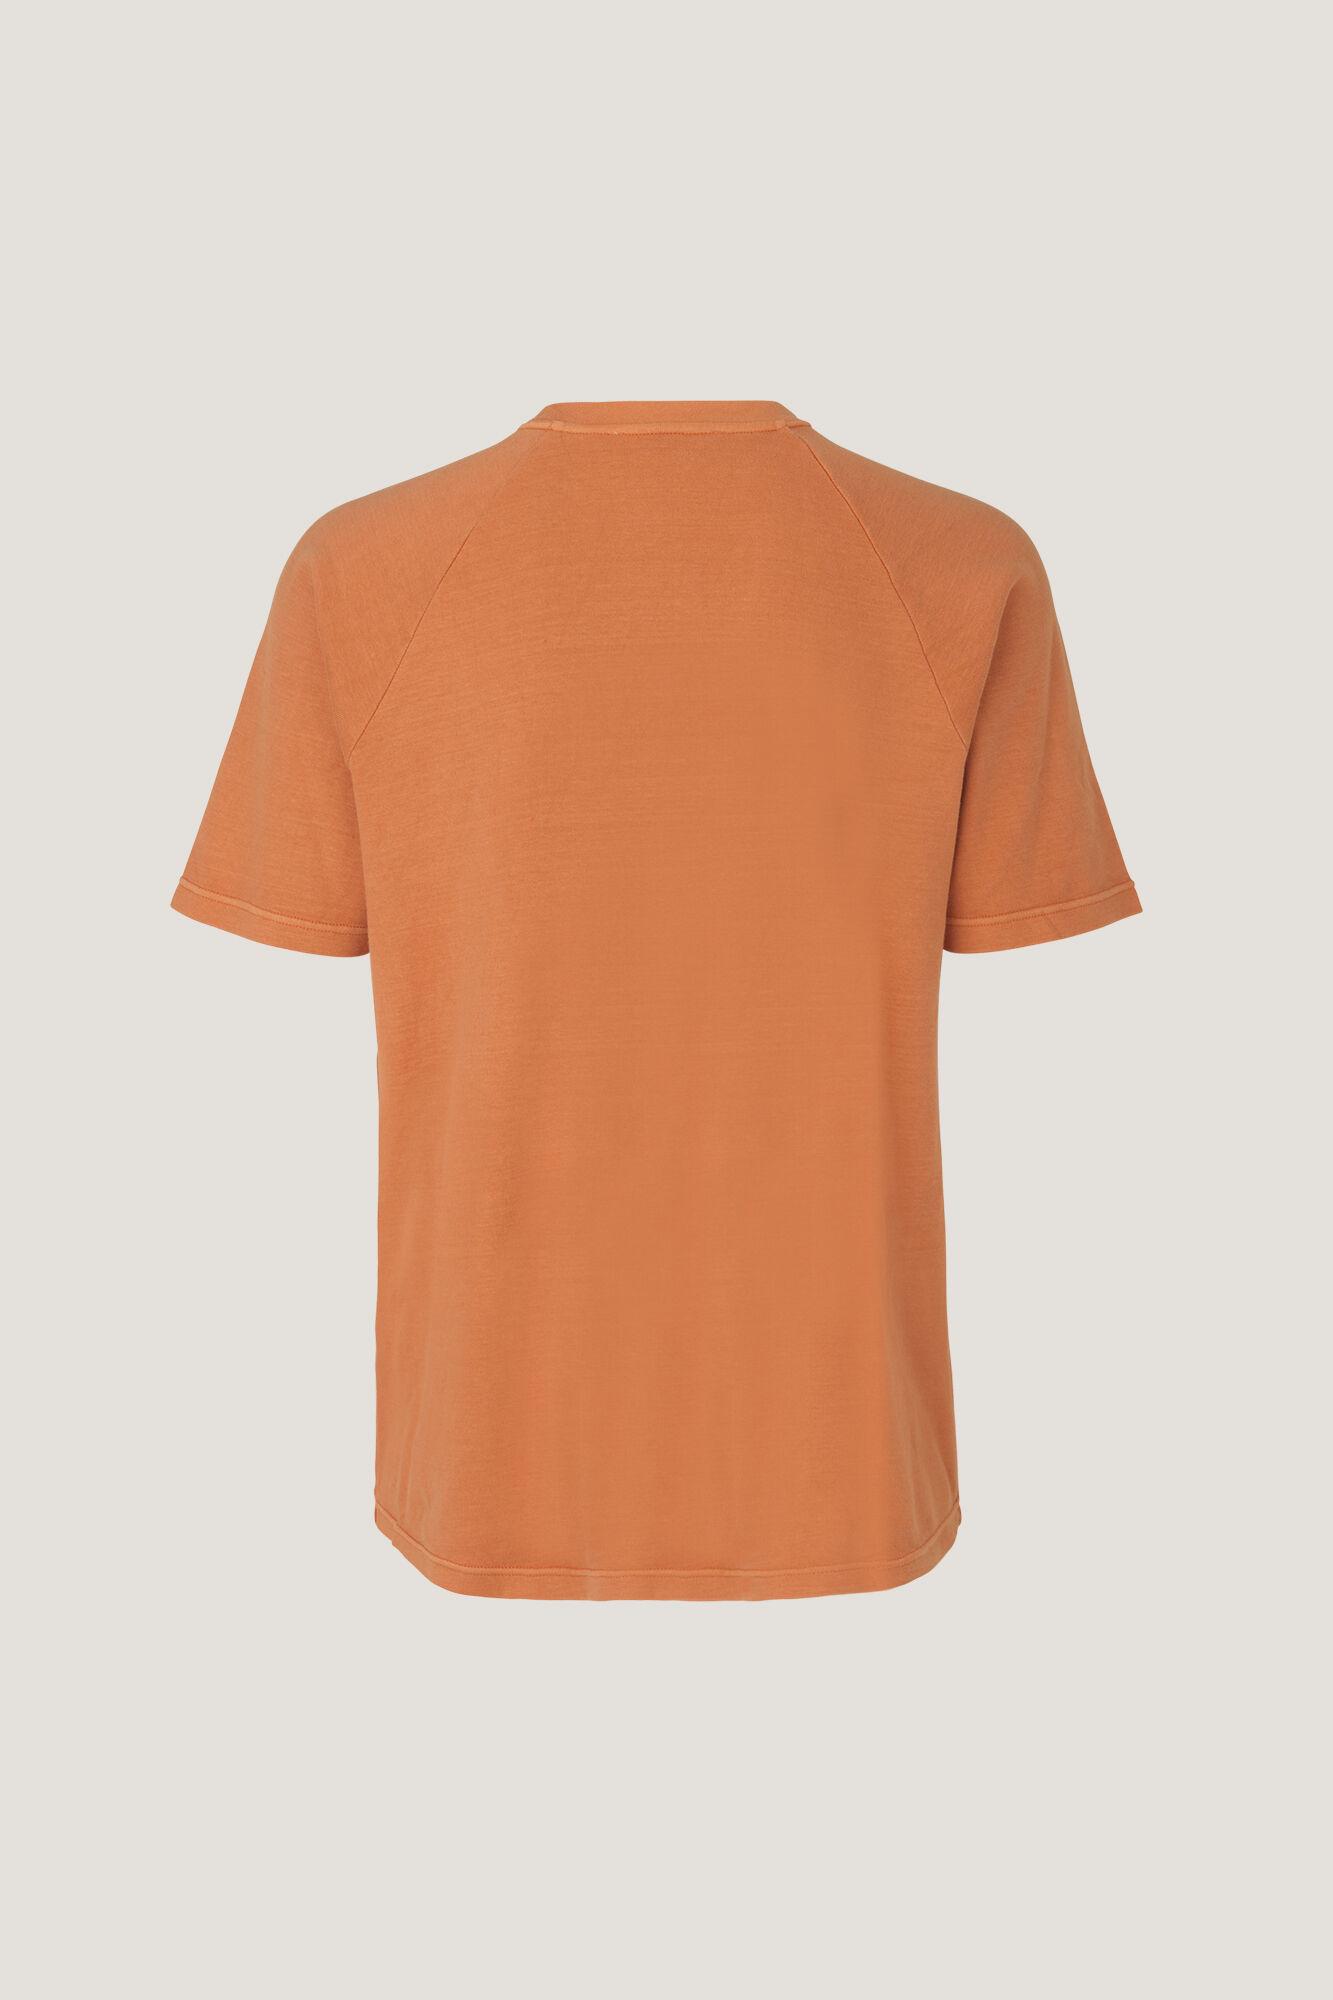 Billund t-shirt 10965